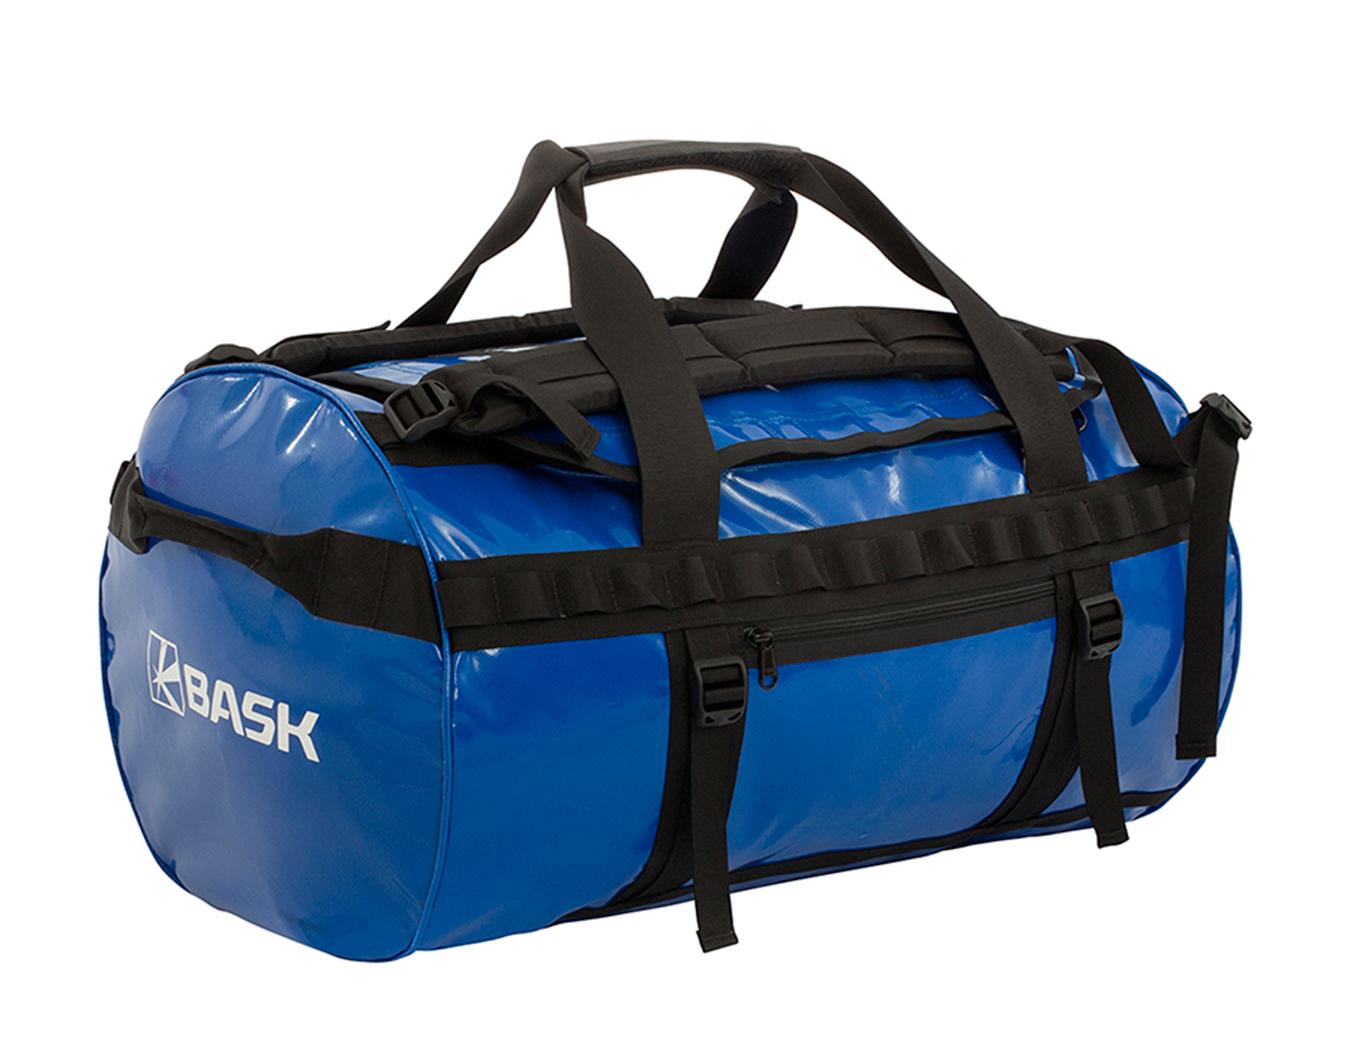 Сумка BASK TRANSPORT 120 V2 2312Сумки<br><br><br>Возможность переносить как рюкзак: Да<br>Материал изготовления: TEZA<br>Наличие плечевого ремня: Да<br>Объем: 120